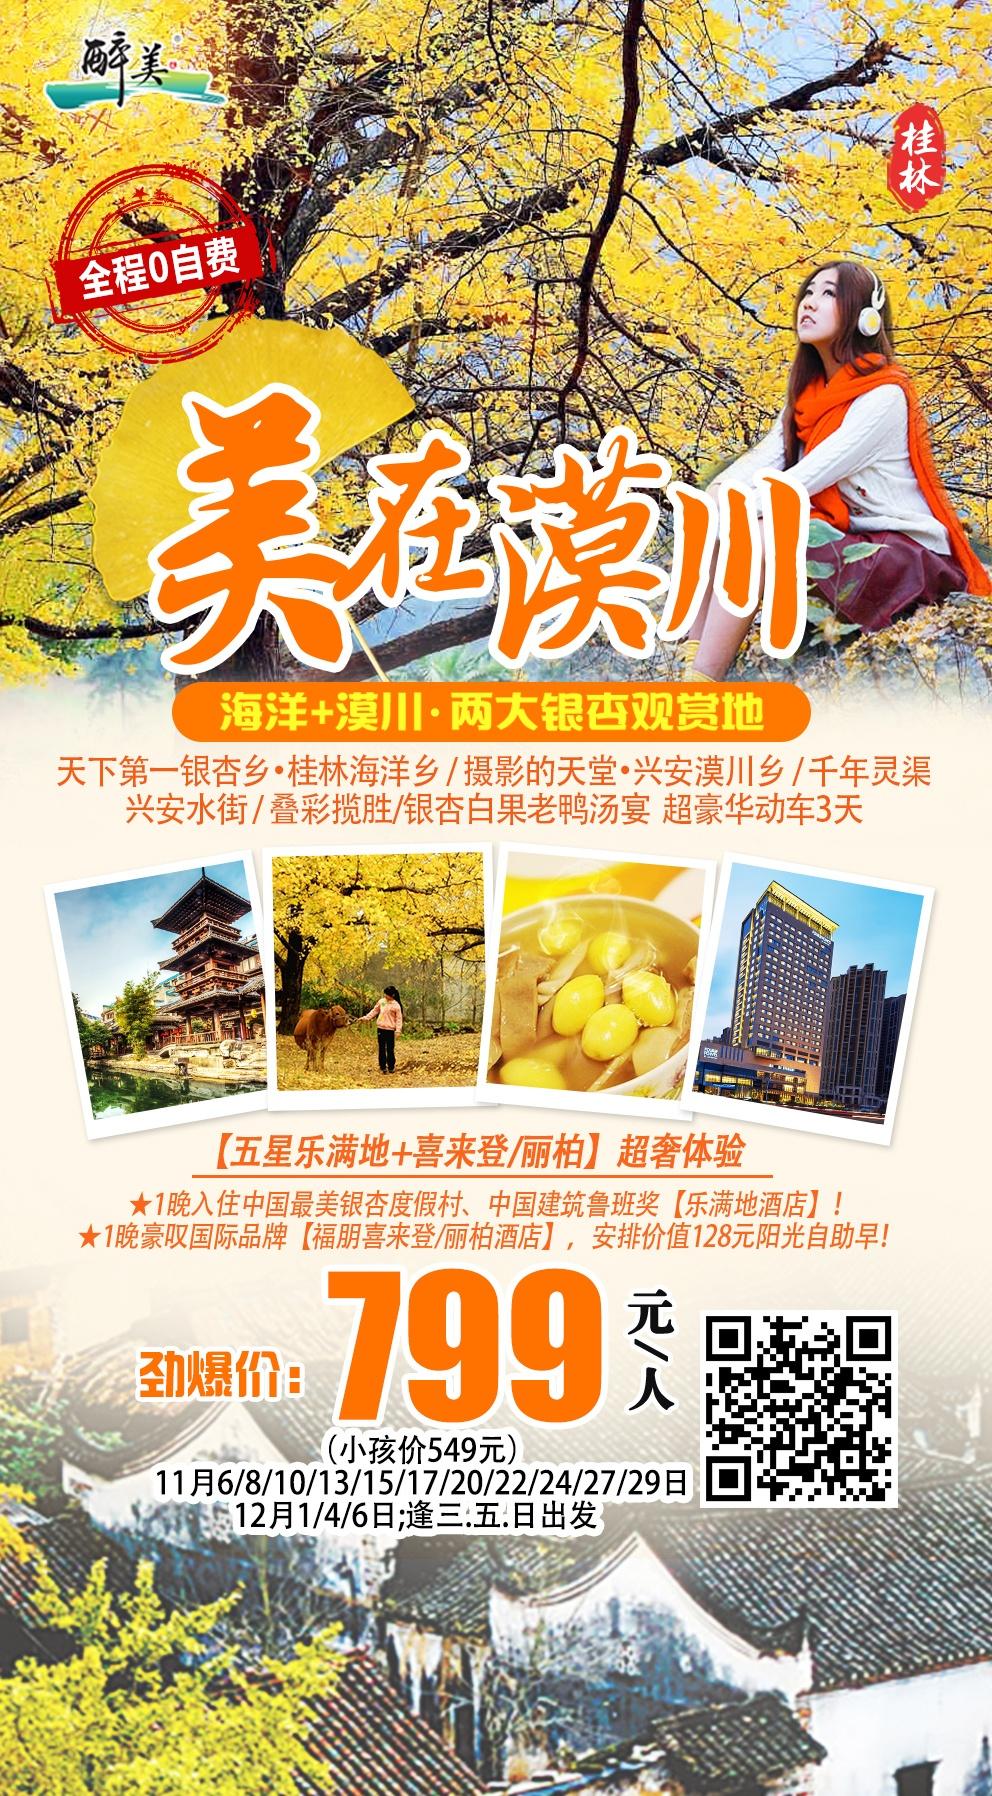 桂林假期刘晓燕18613168065.jpg